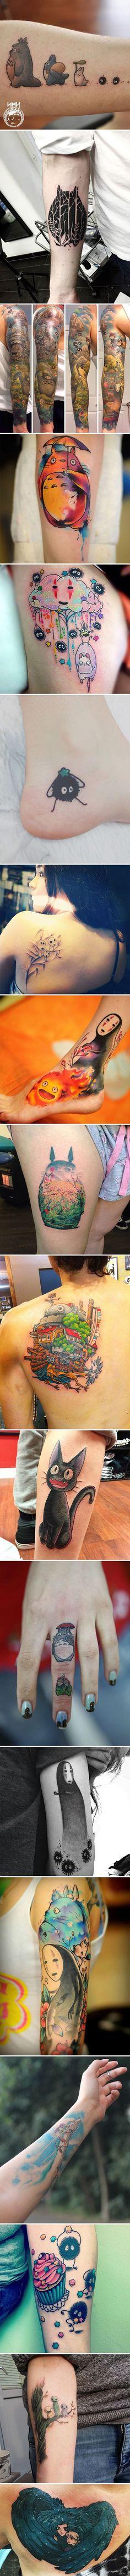 Татуировки студии Ghibli, вдохновленные анимацией Хаяо Миядзаки